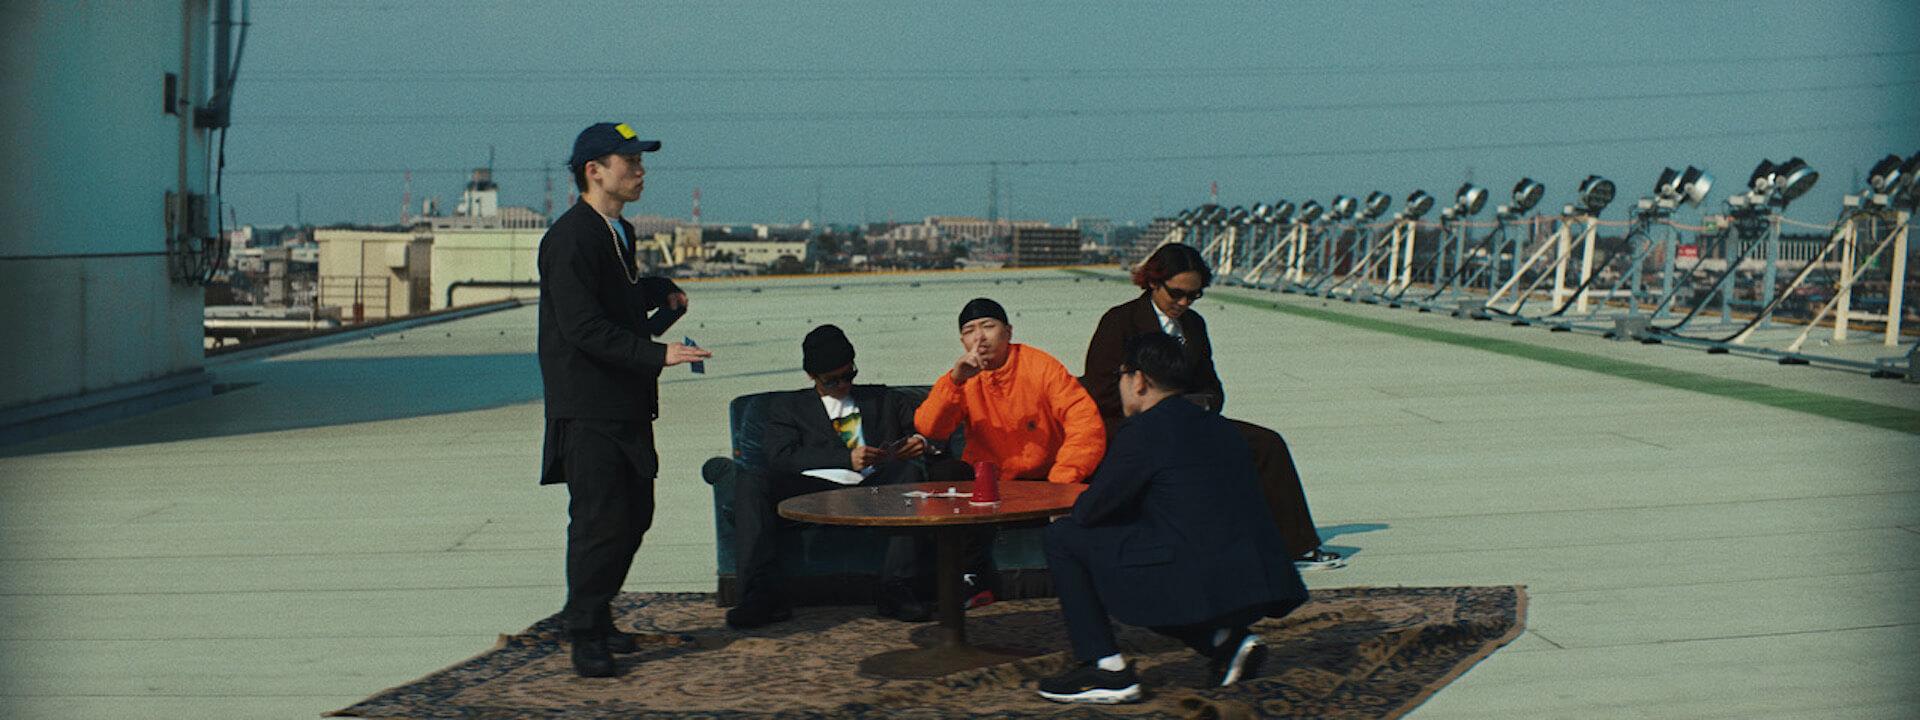 """KANDYTOWN新曲""""PROGRESS""""山田健人が手掛けるMVが公開!縁のある人々がカメオ出演 music200331_progressmv_04"""